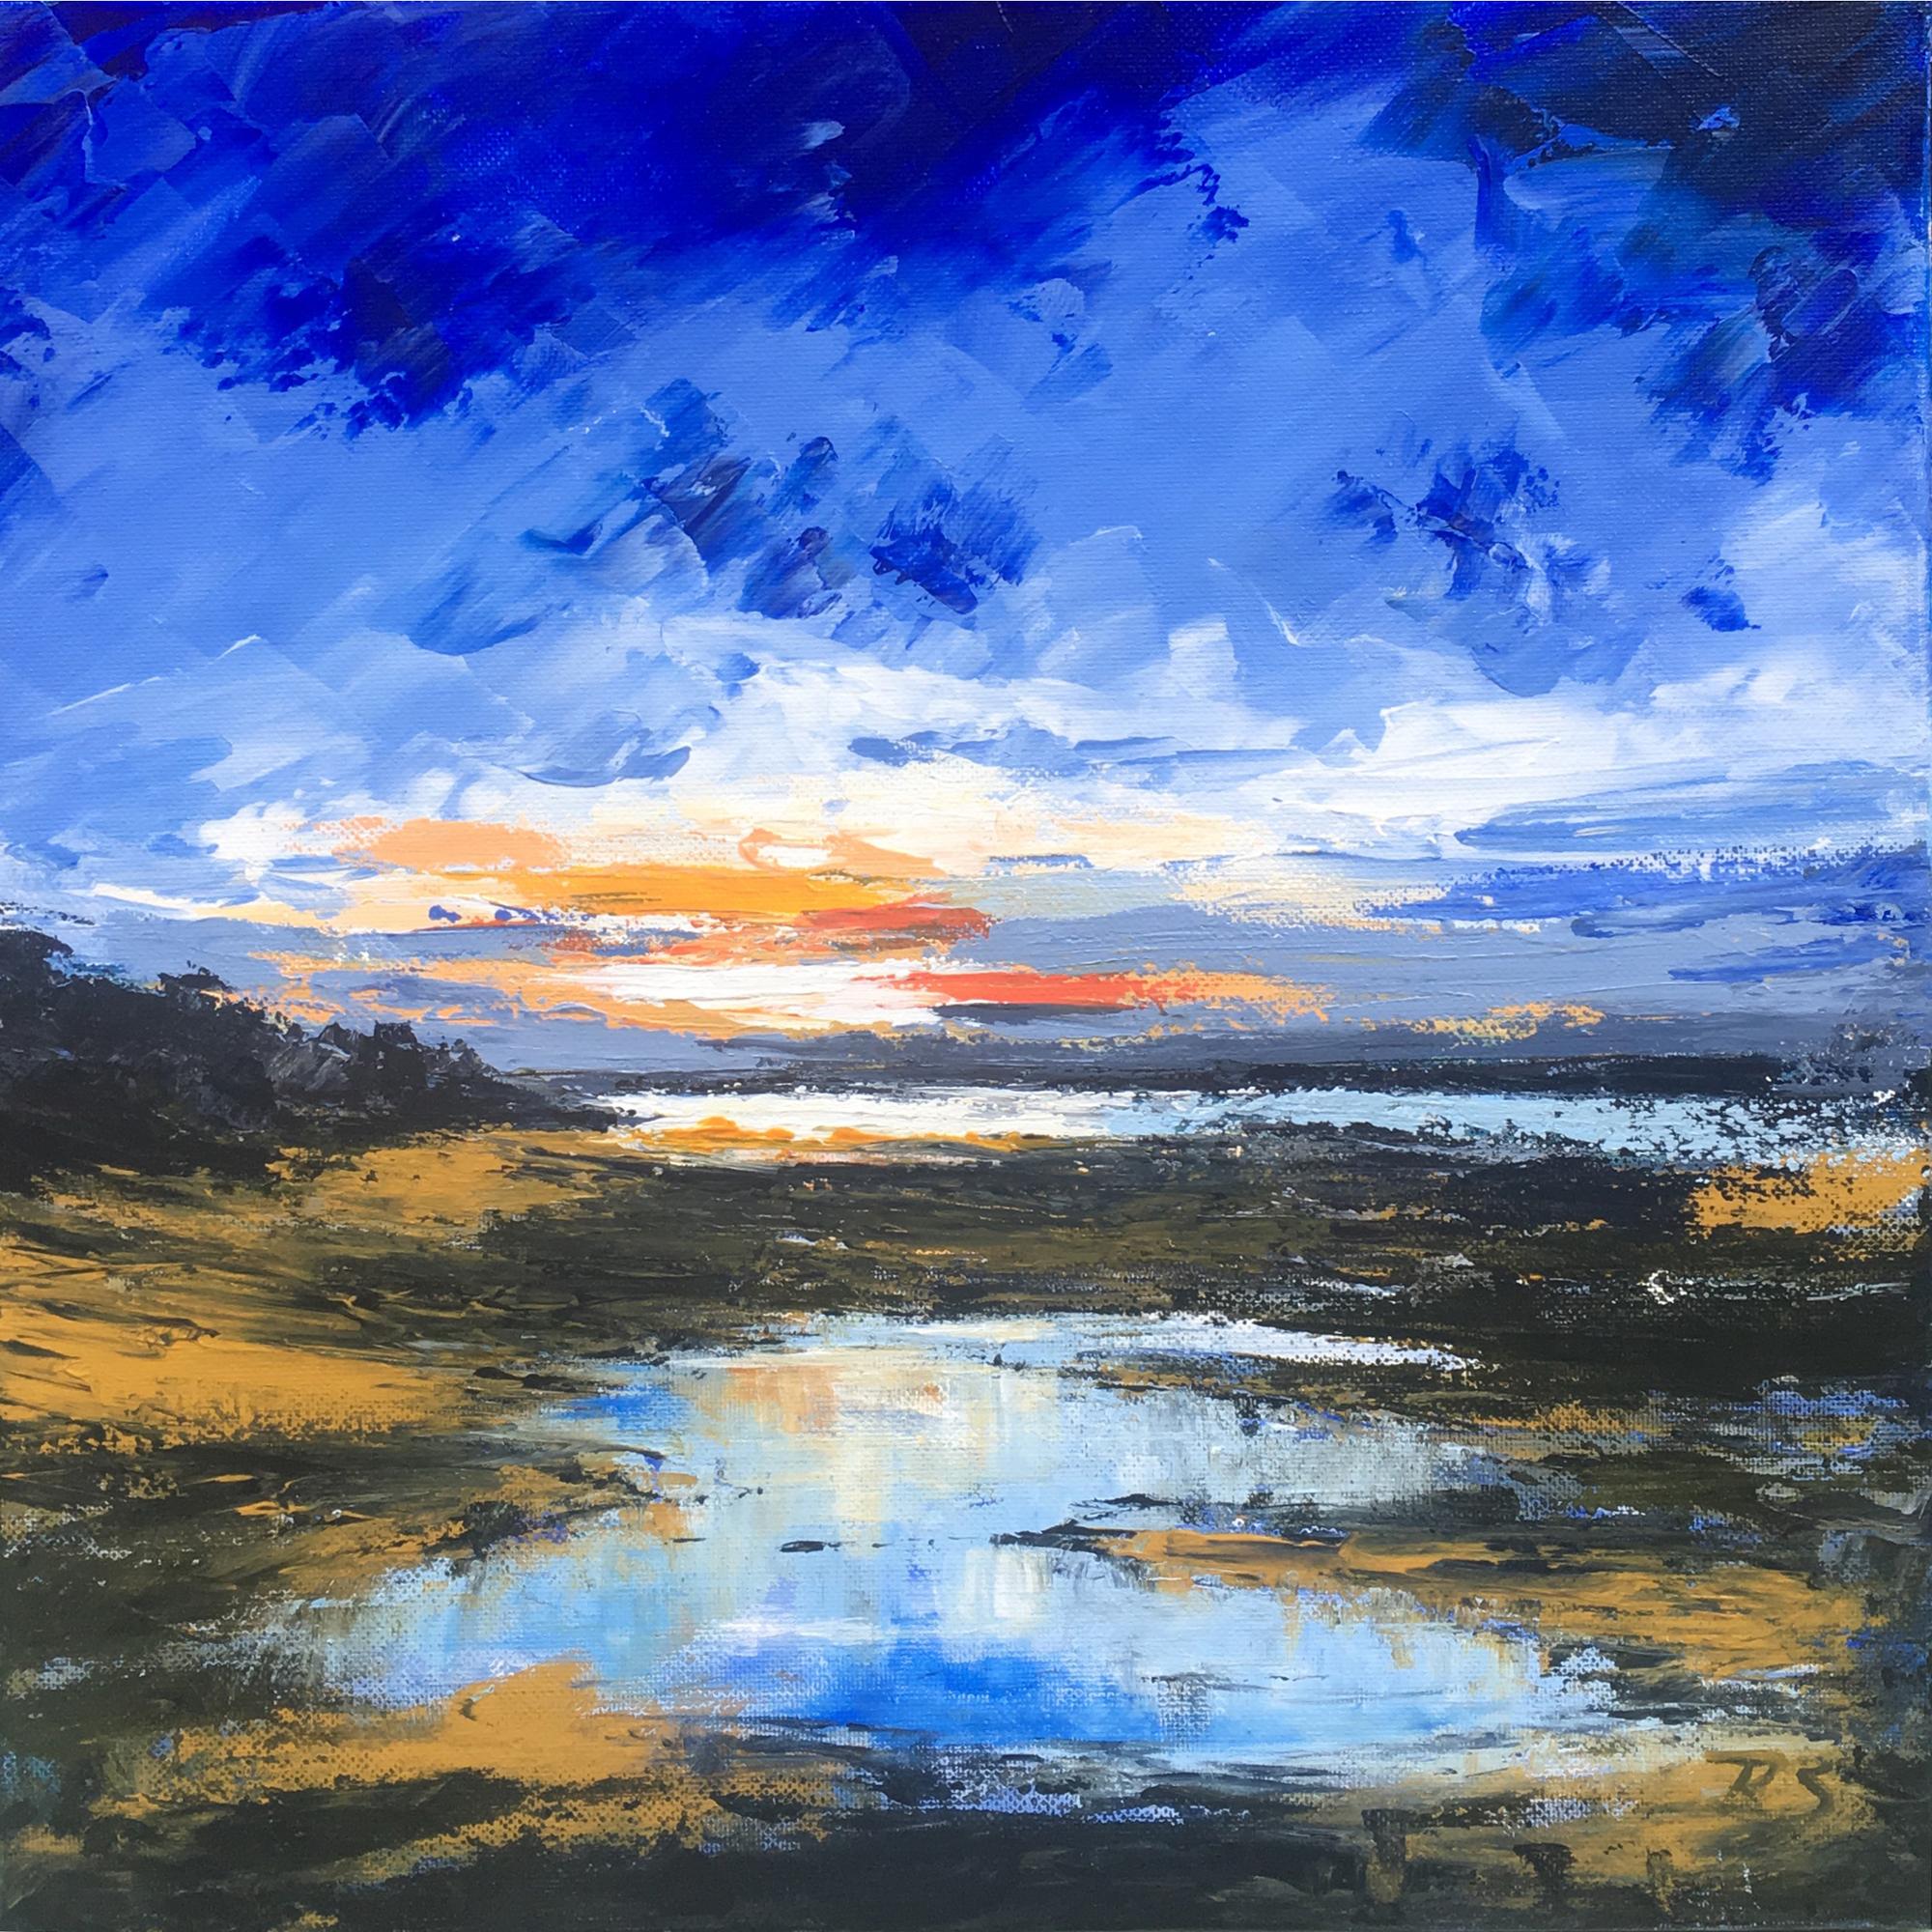 Estuary Sunset & Peace